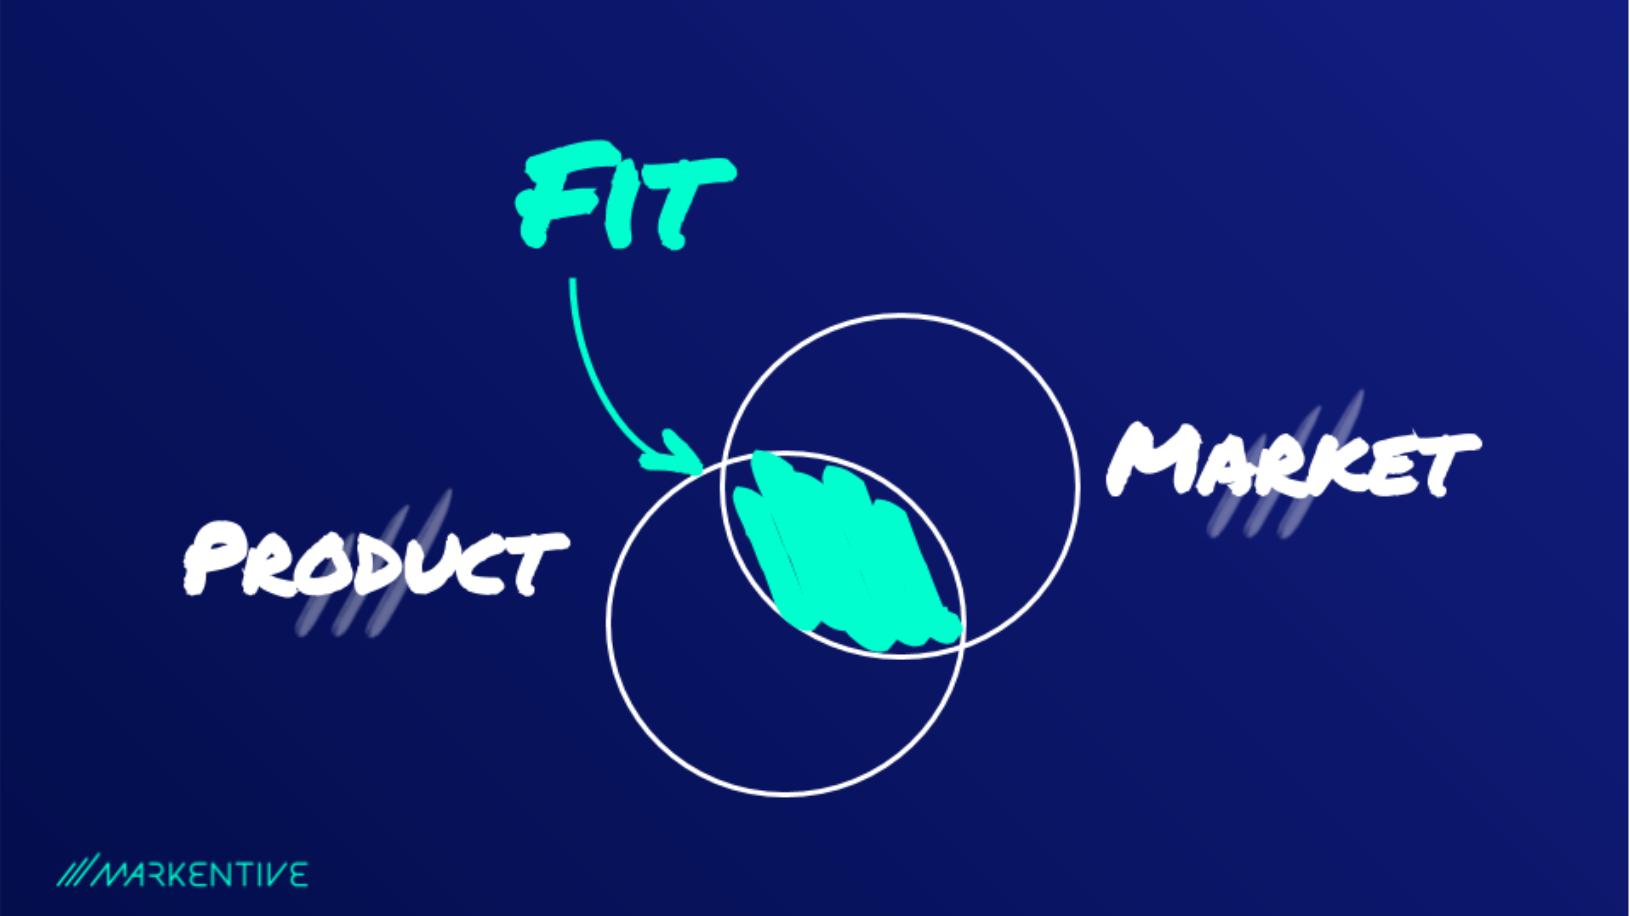 Le product market fit